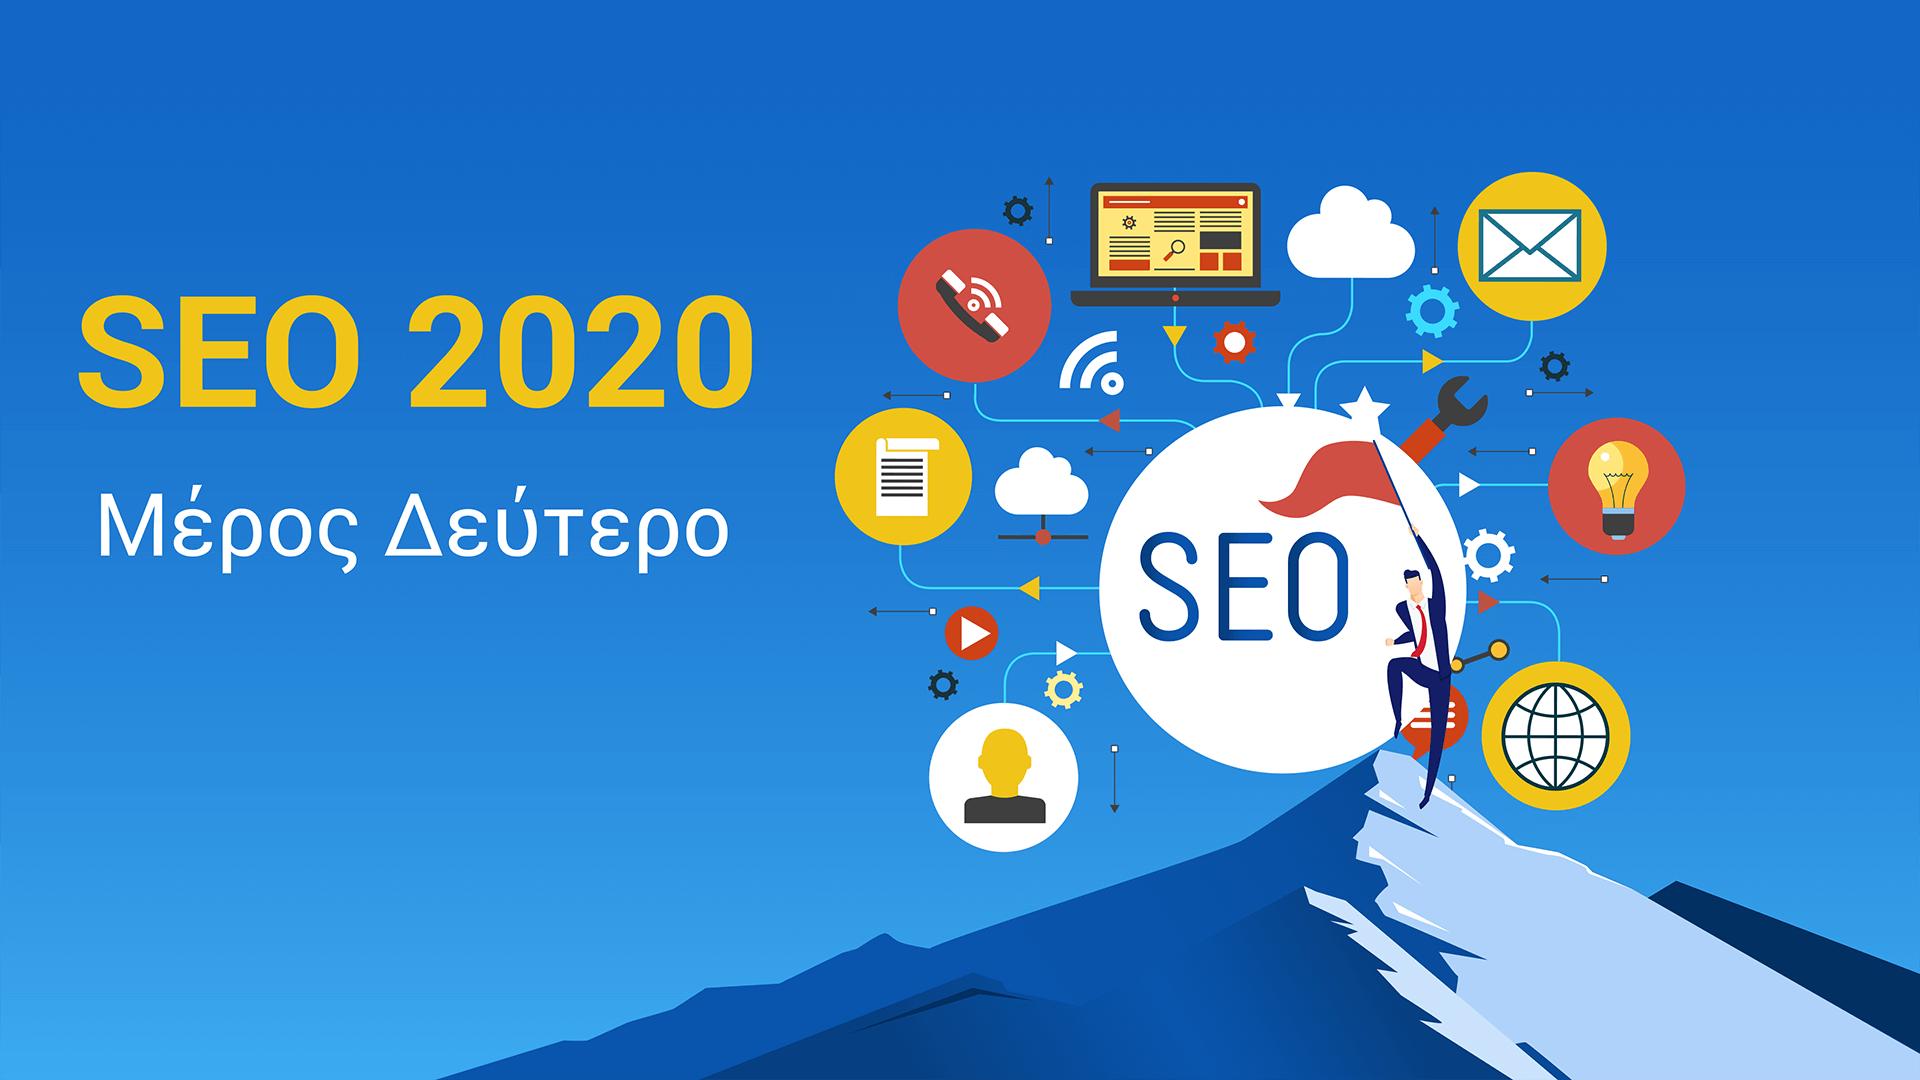 SEO 2020 Μέρος 2